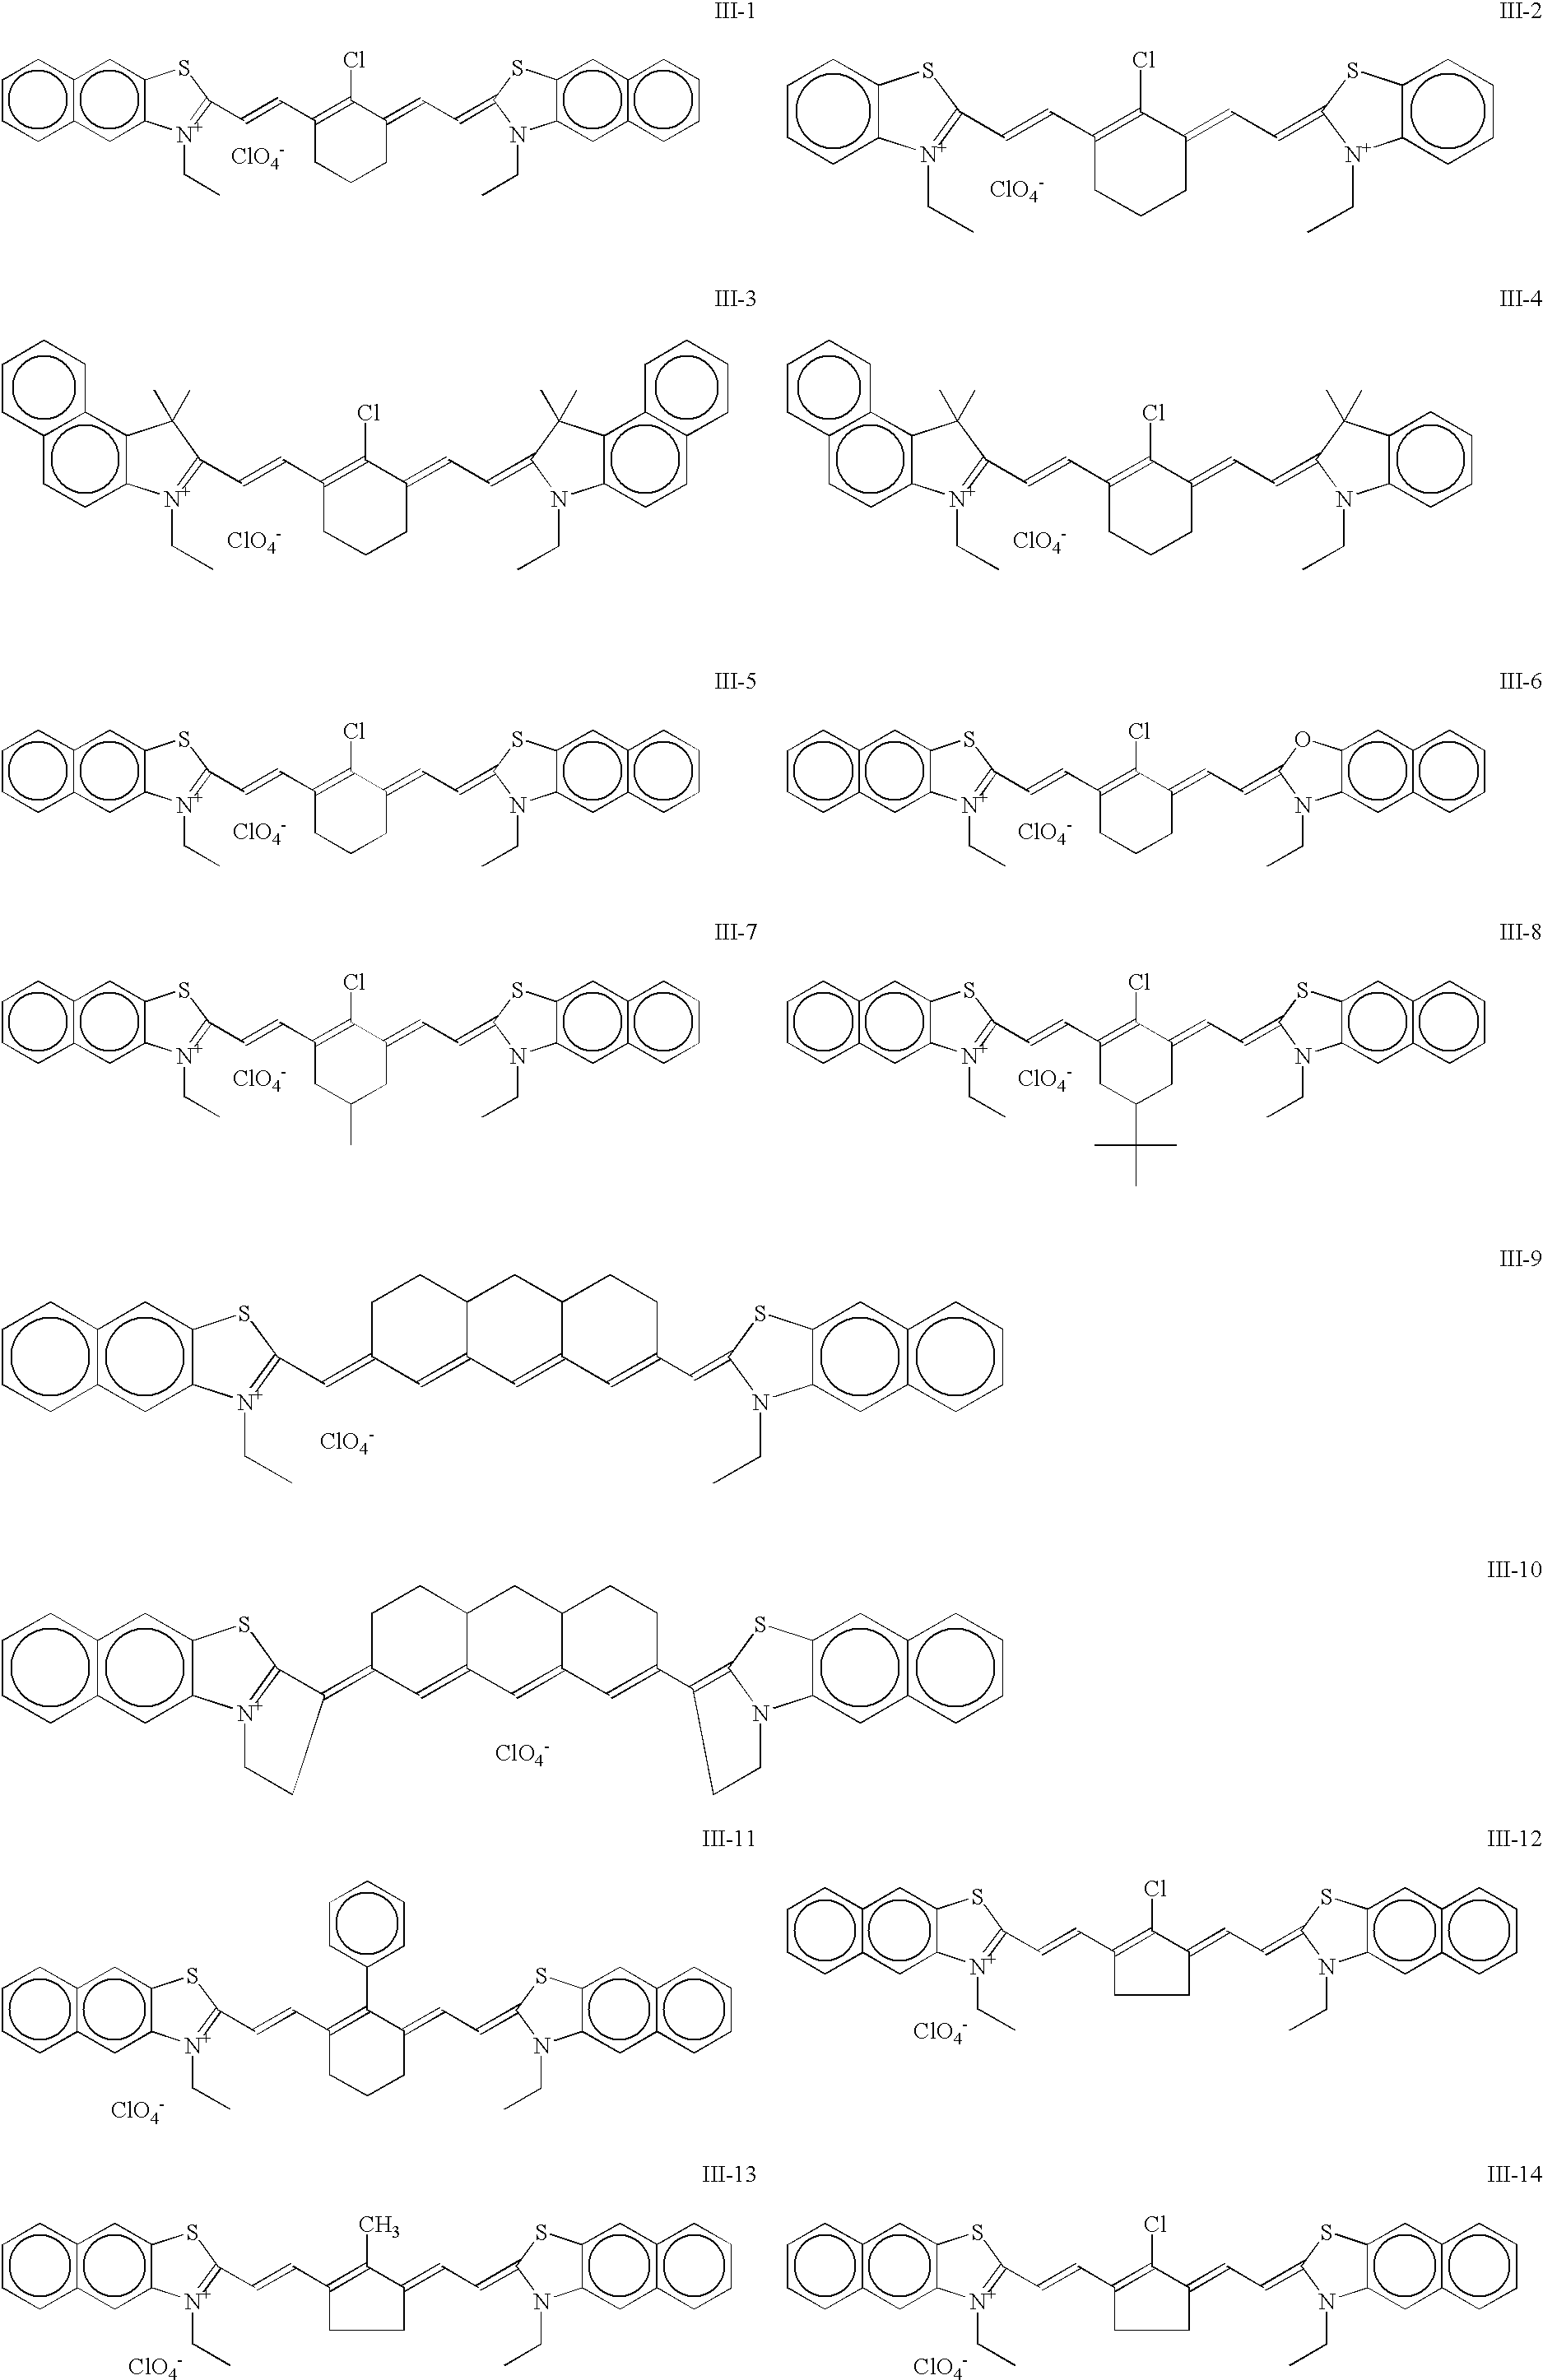 Figure US06541100-20030401-C00023